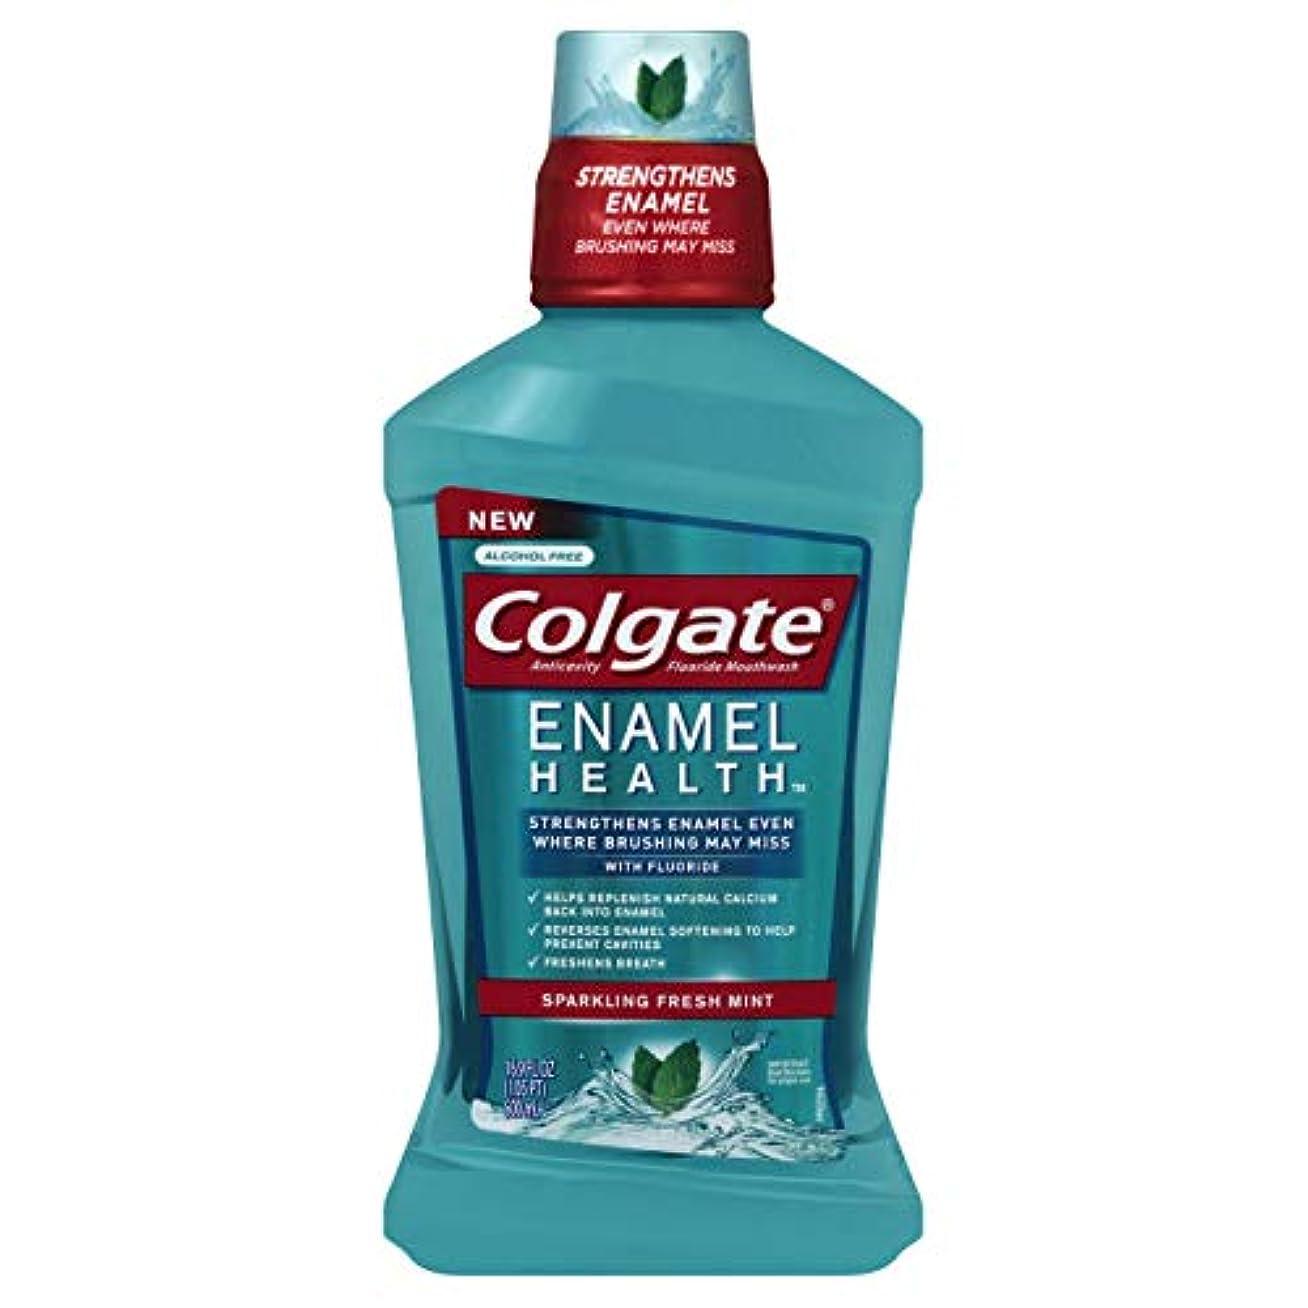 グラフリスマナーColgate エナメル健康スパークリングフレッシュミント虫歯予防フッ素うがい薬、500ミリリットル - 6パック